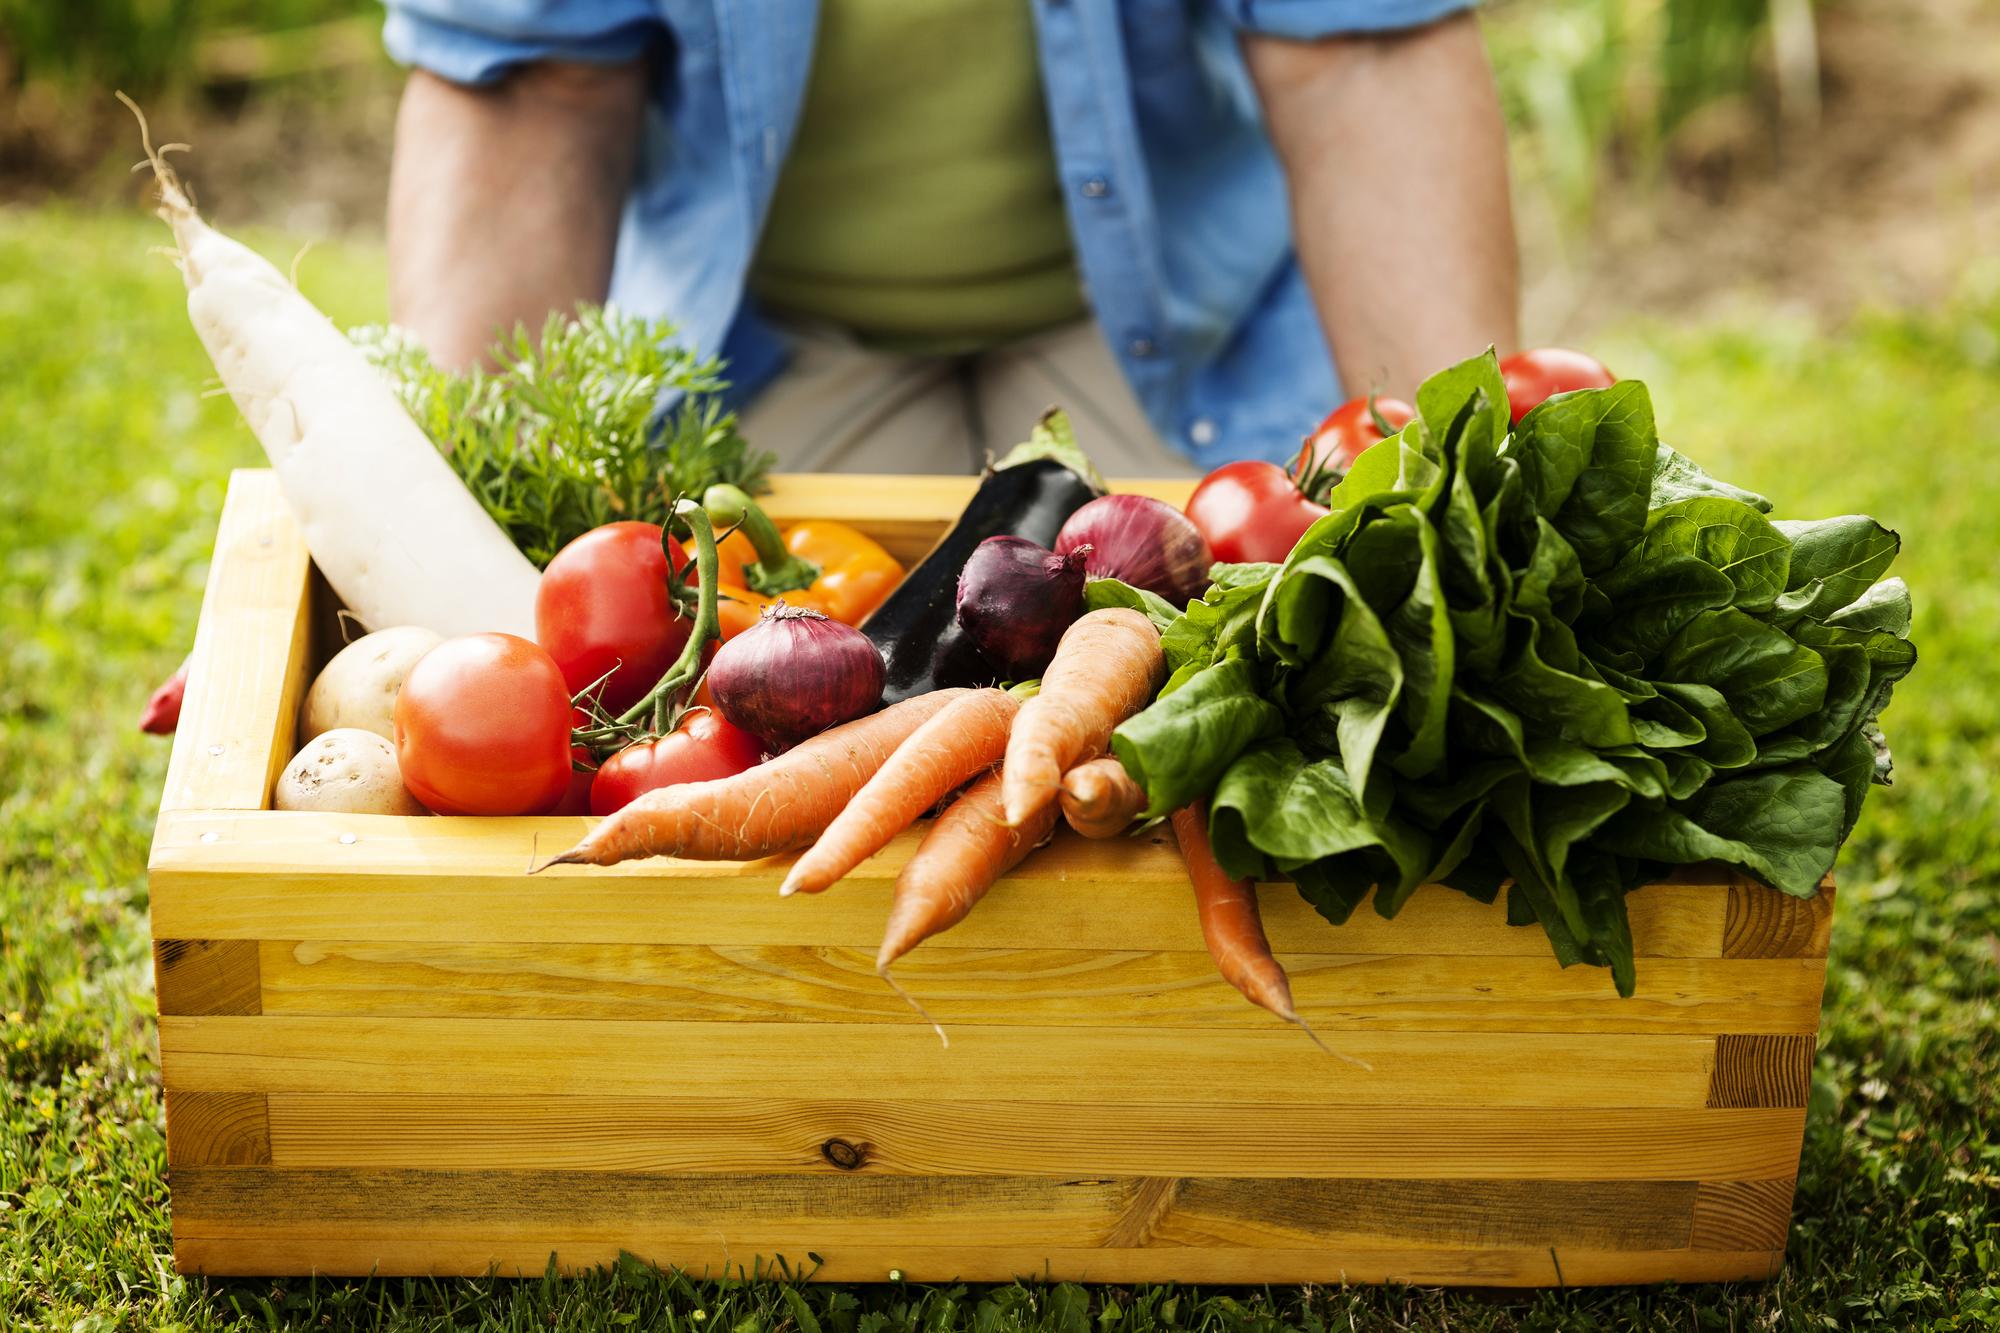 Диетолог объяснила, почему овощи нужно есть каждый день